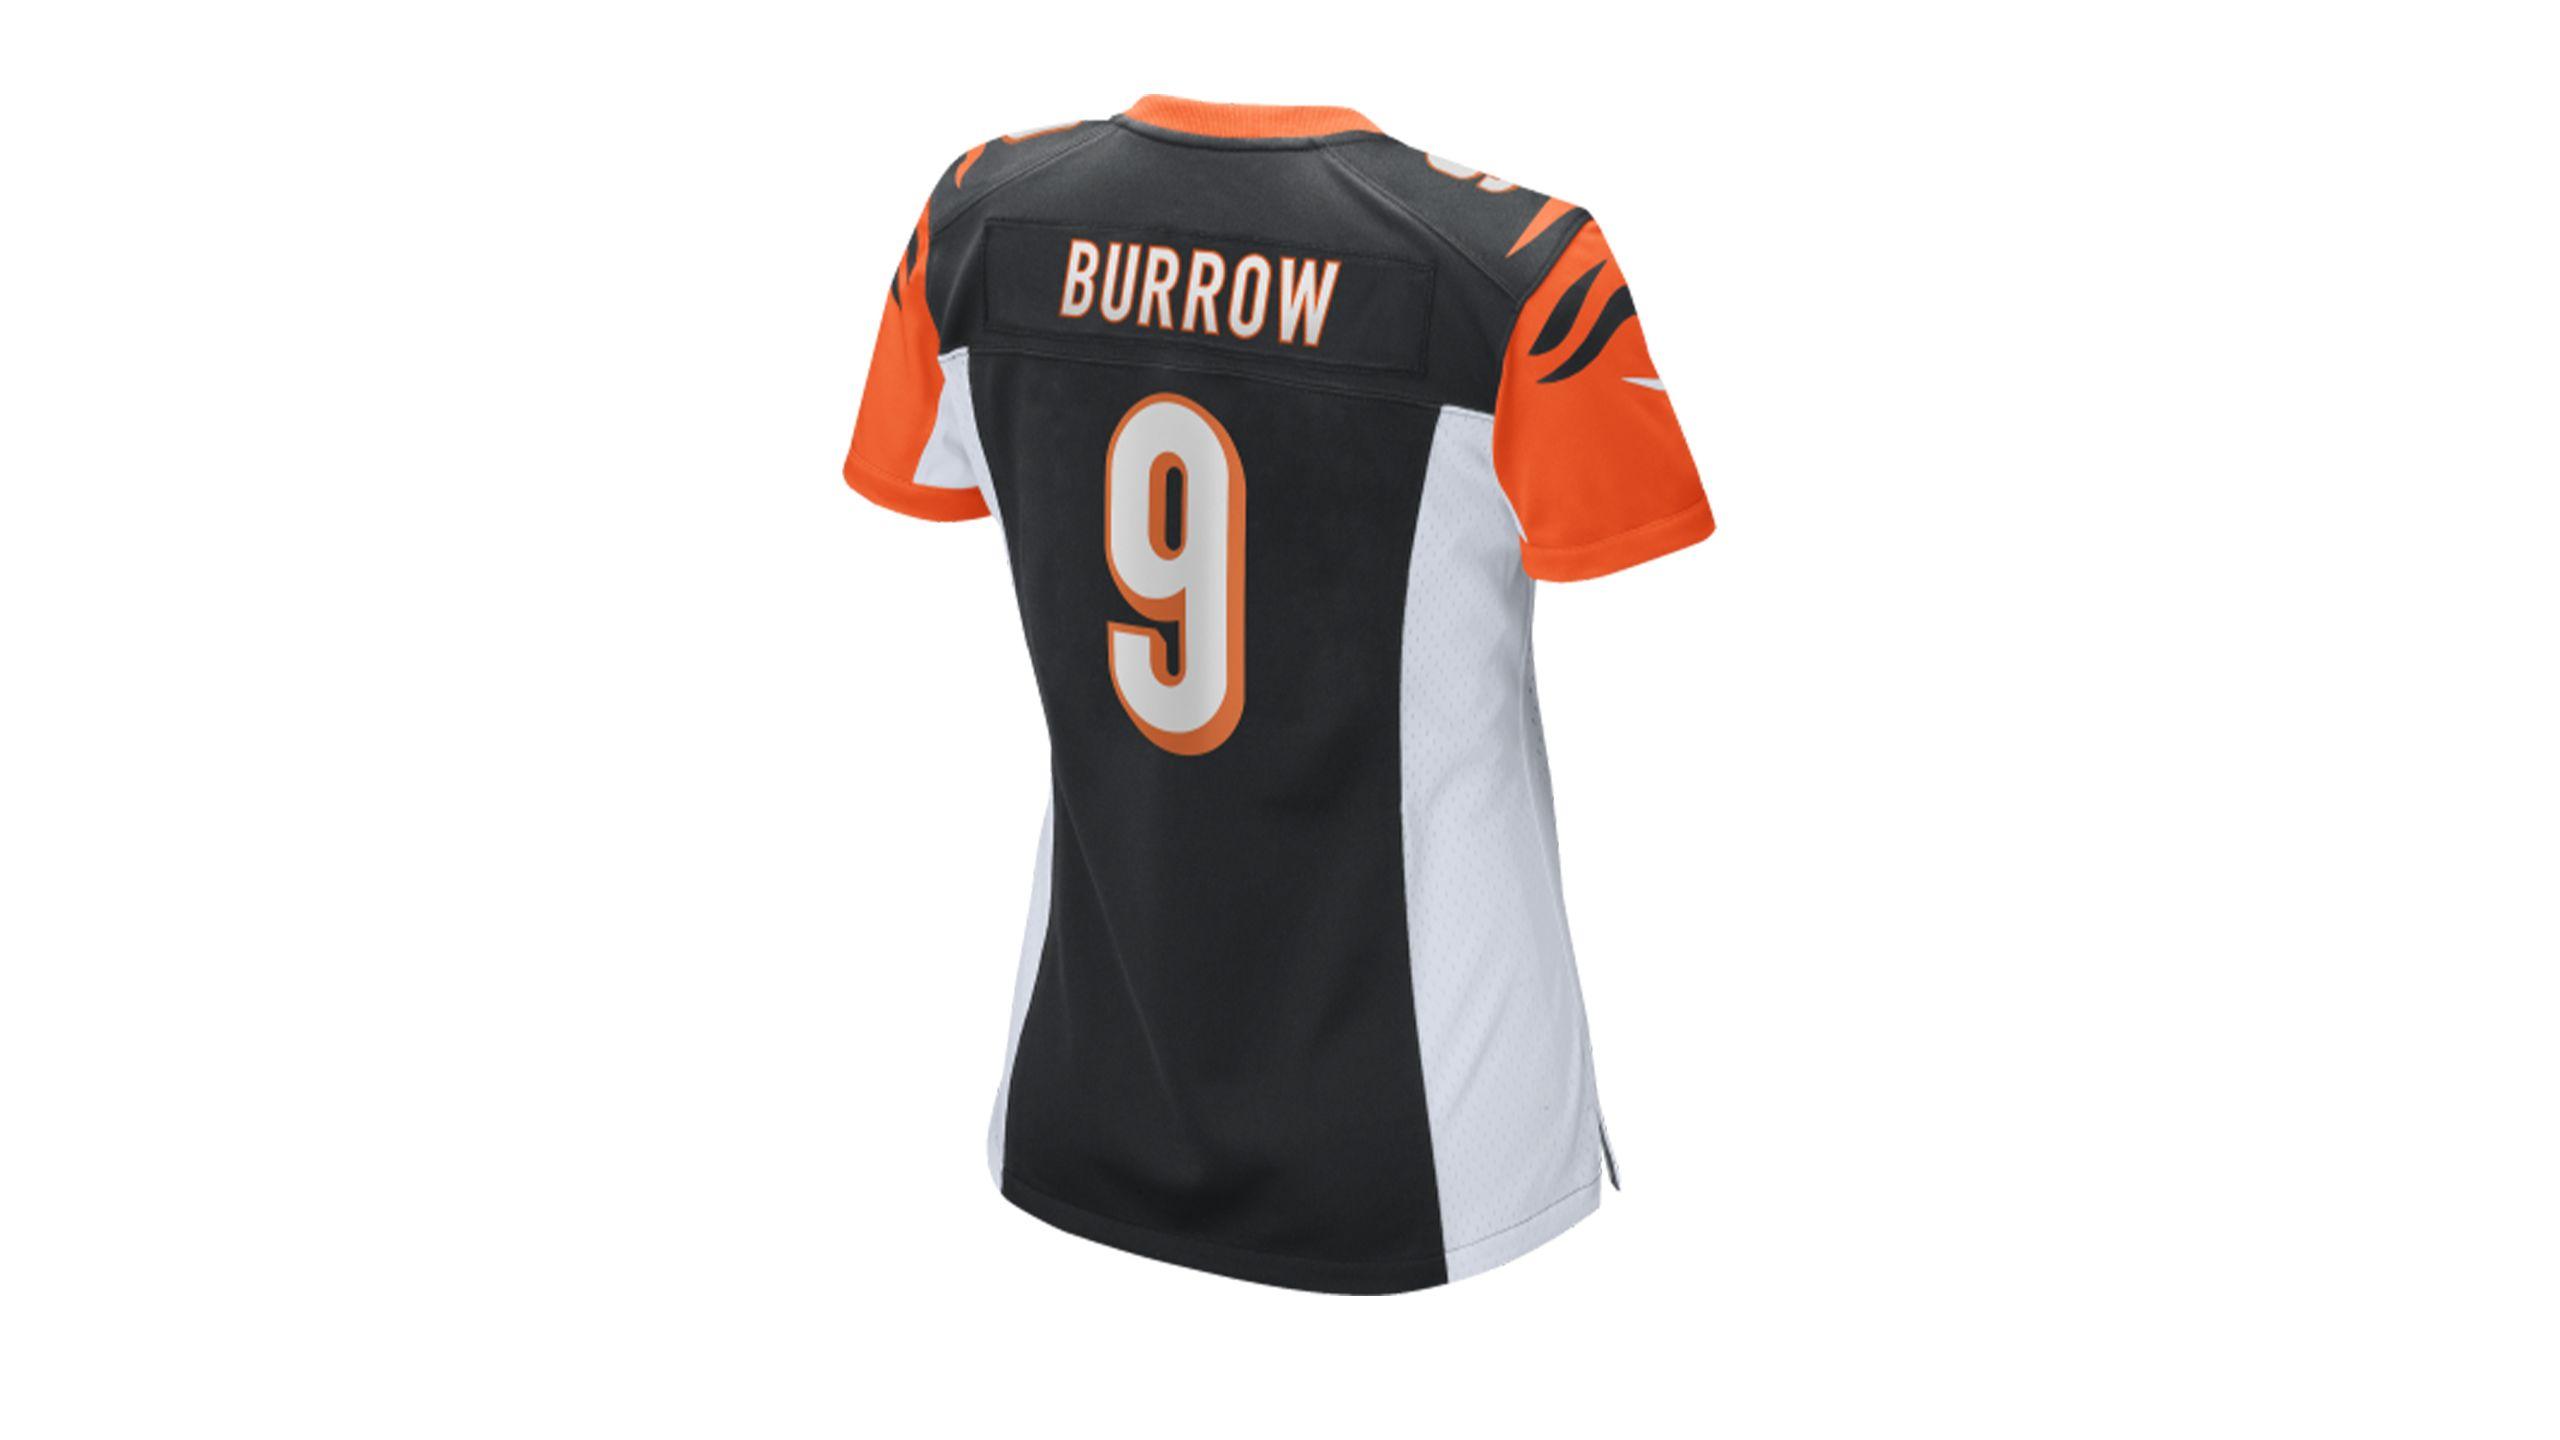 Women's Nike Burrow Jersey